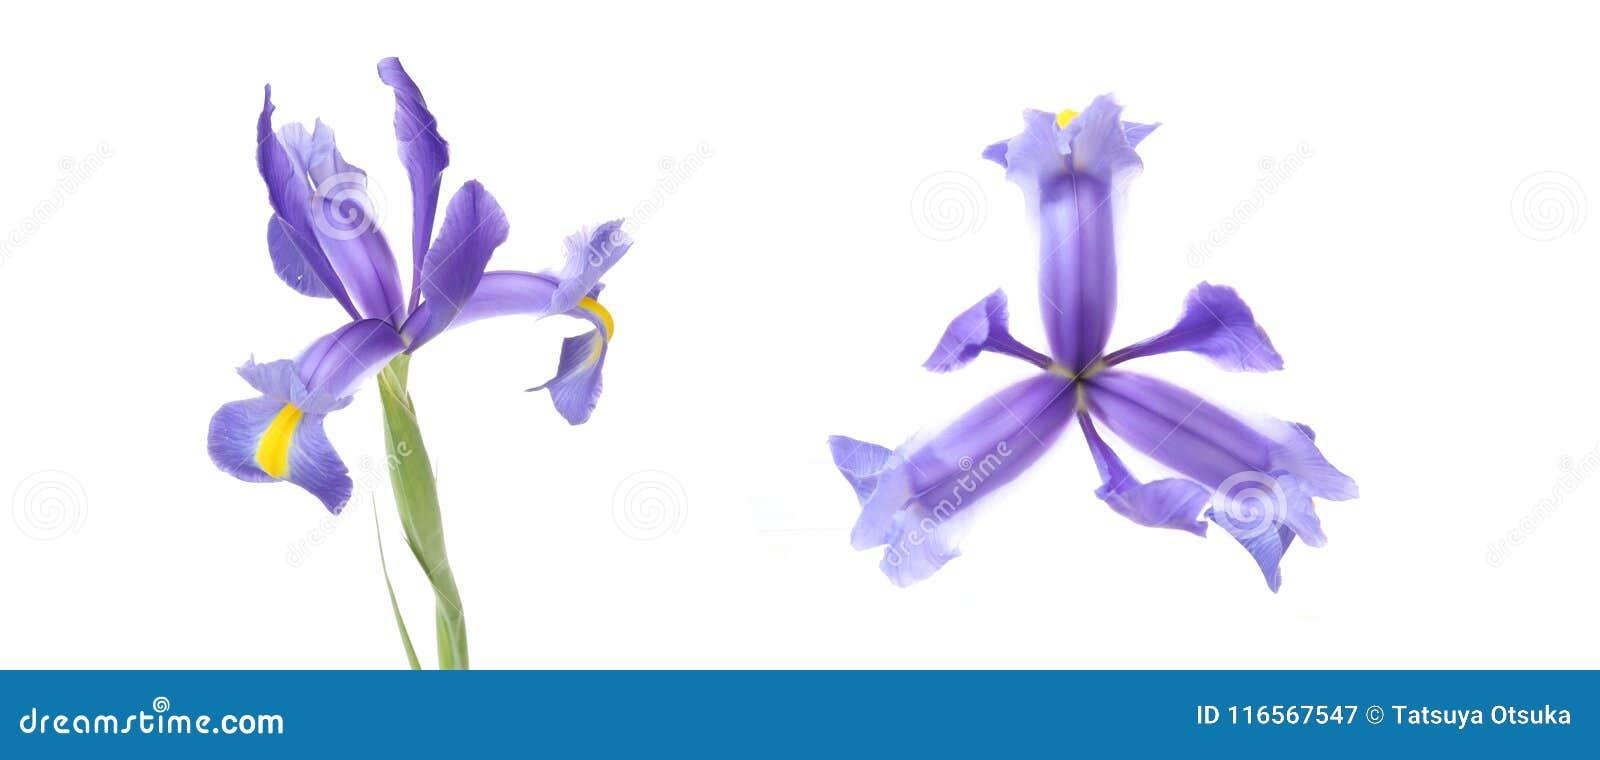 Κεφάλι λουλουδιών της ίριδας σε ένα άσπρο υπόβαθρο